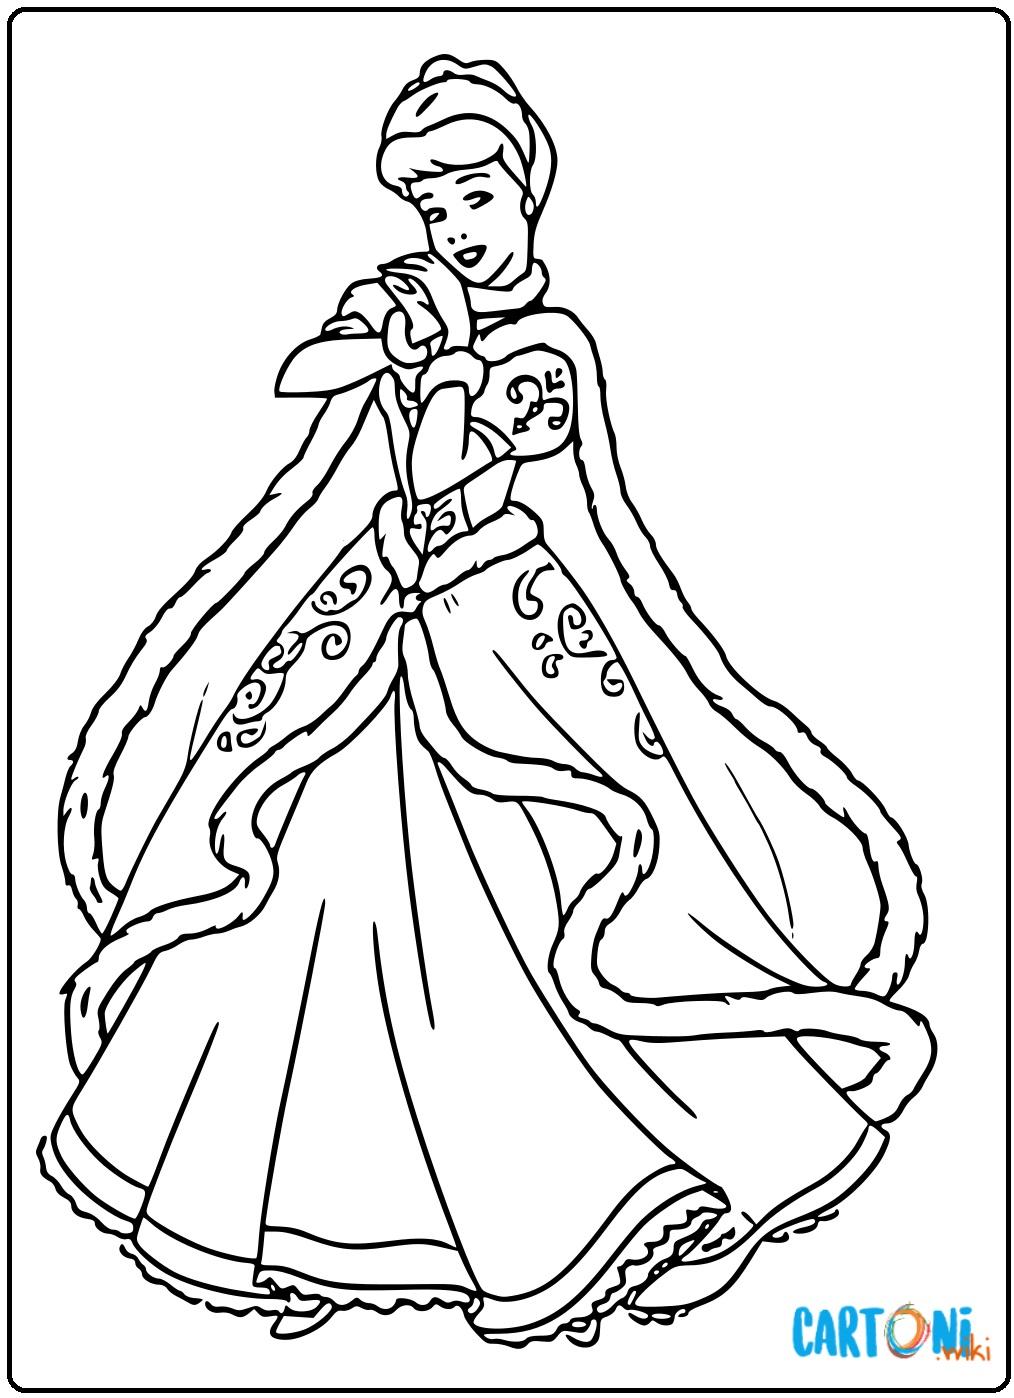 Cenerentola disegni gratis - Disegni da colorare